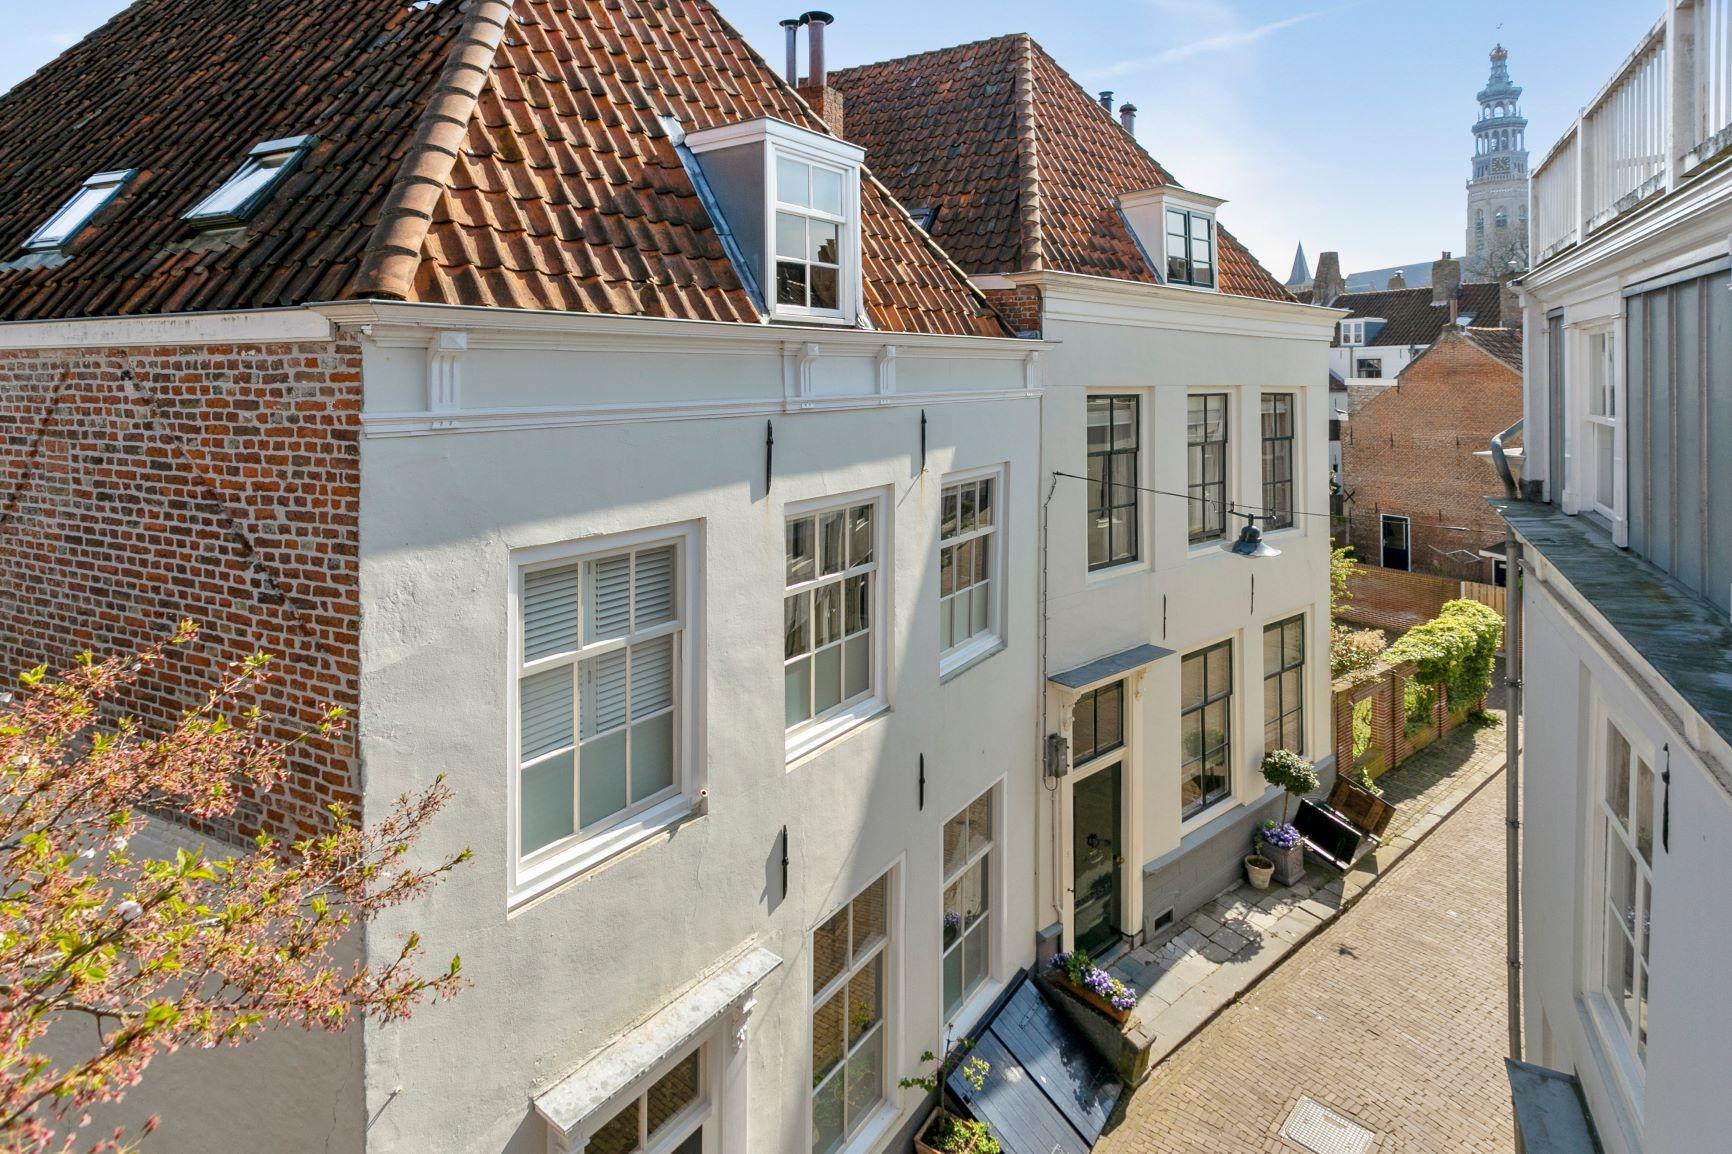 Zibber vastgoedfotografie Middelburg Zeeland